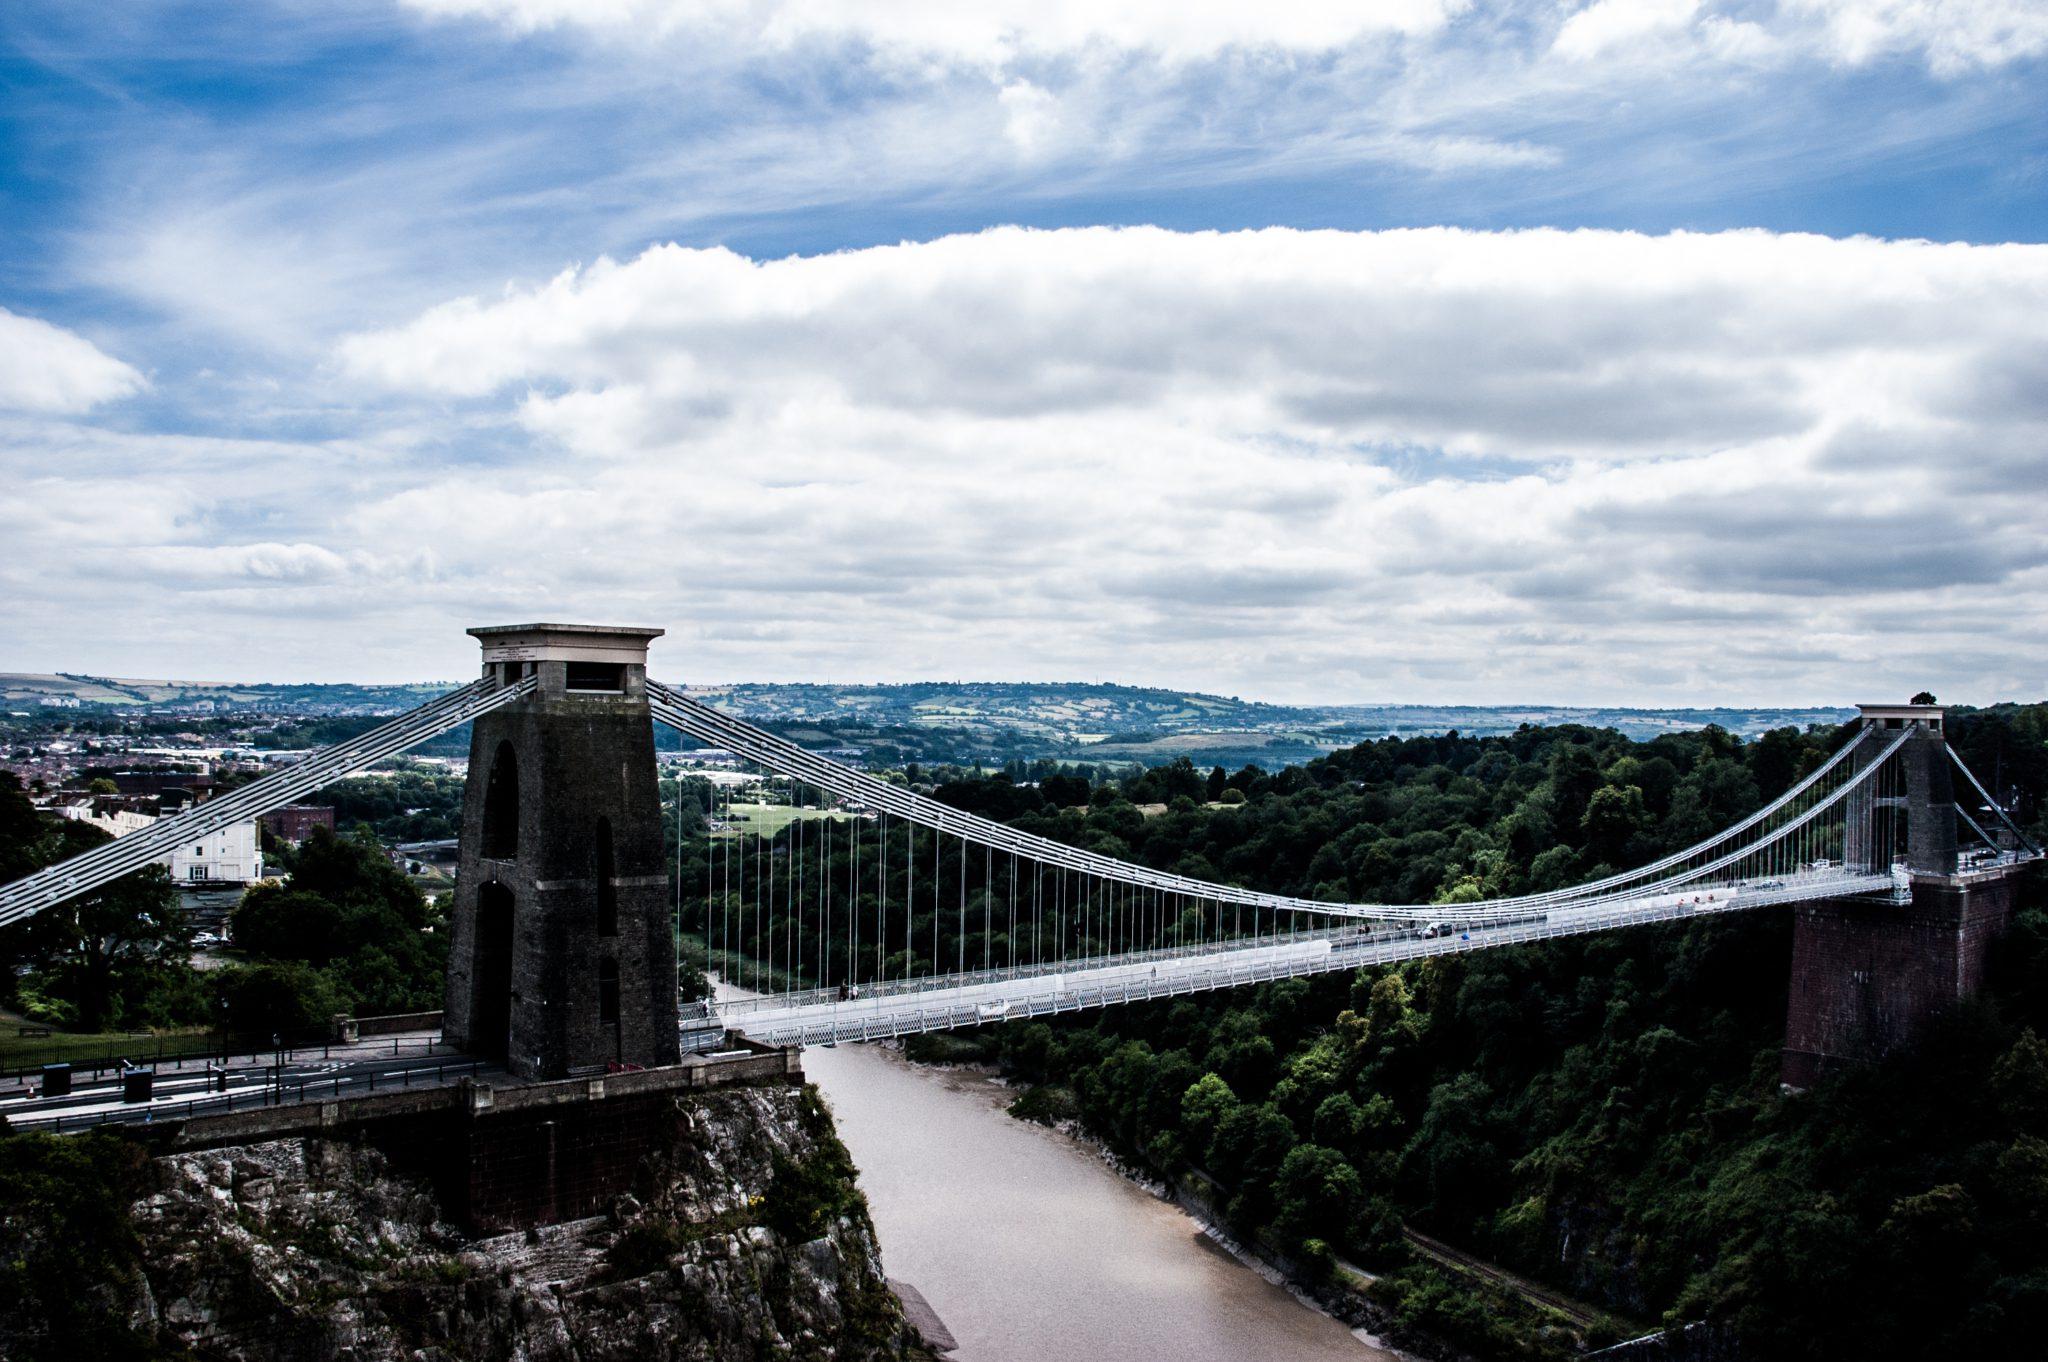 Bristol: Clifton suspension Bridge